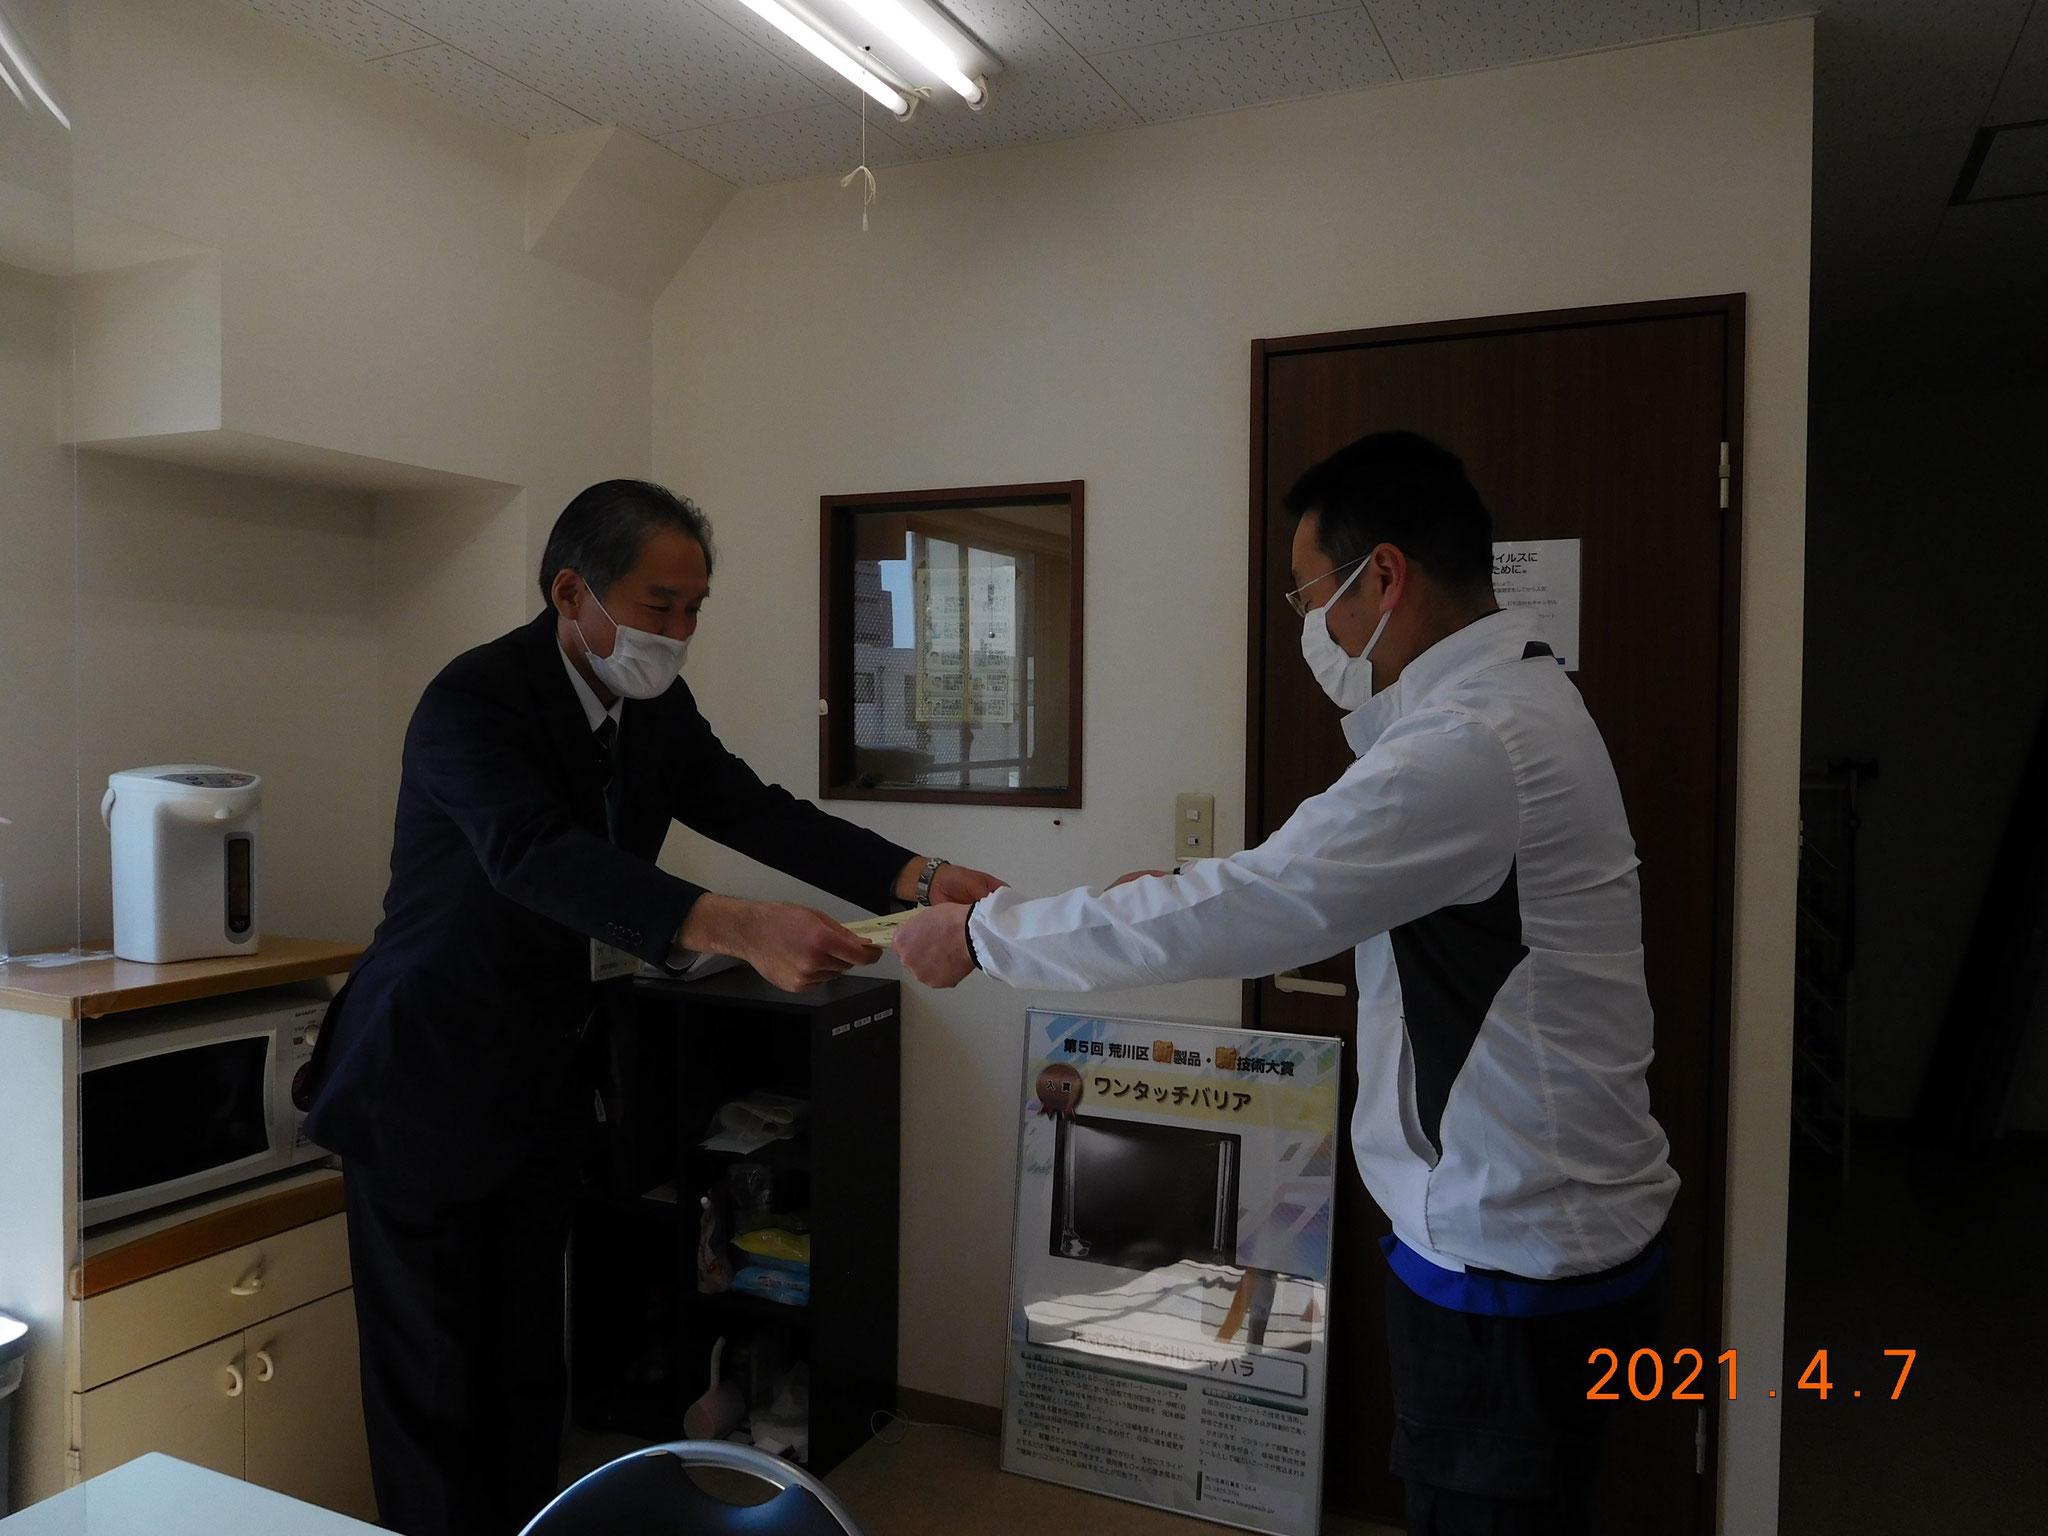 荒川区職員の方が来社され、表彰状を授与されました。